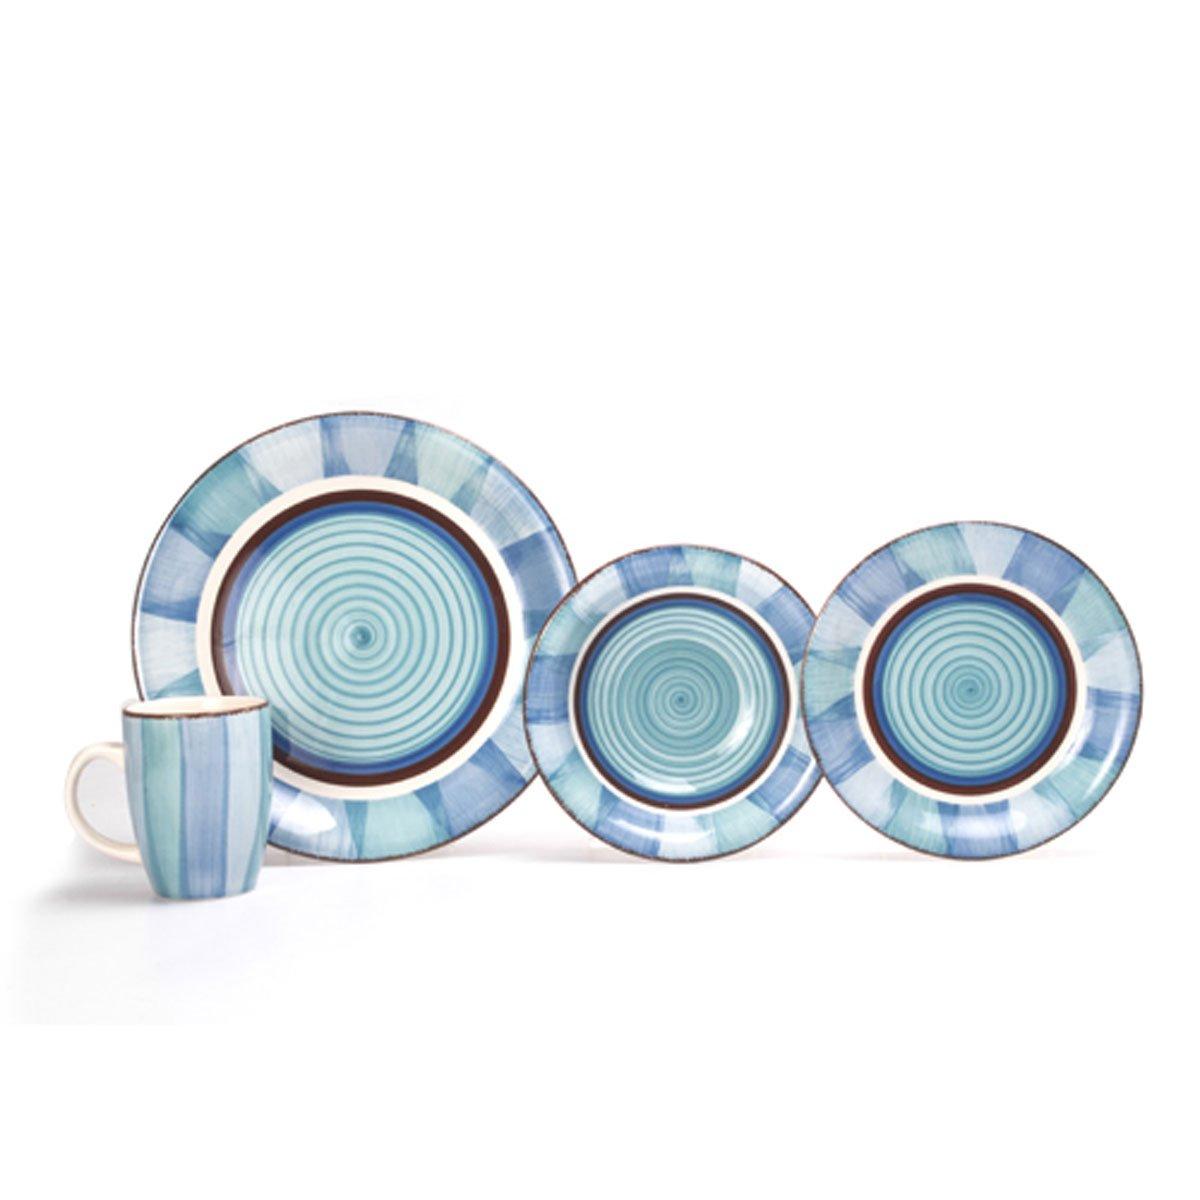 Vajilla 16 piezas ceramica azul crown baccara sears com for Ceramicas para piezas